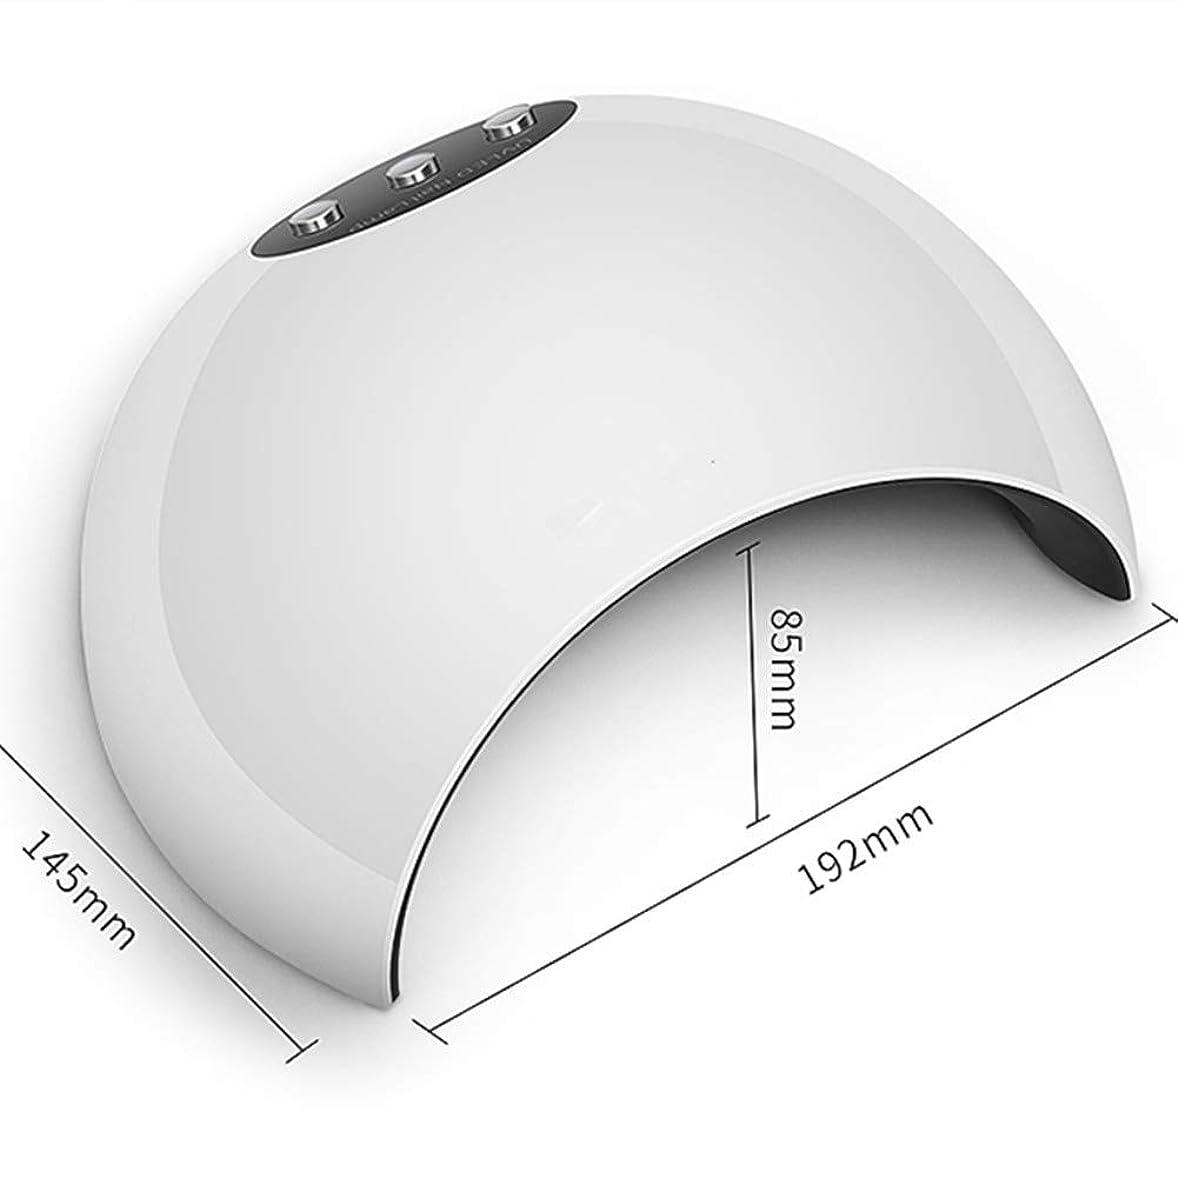 ロードブロッキングホバー堂々たる最新型 LED UV ネイルドライヤー ジェルネイル 硬化用 ライト ランプ 赤外線検知 3段階スマートタイマー USB式 24W 日本語説明